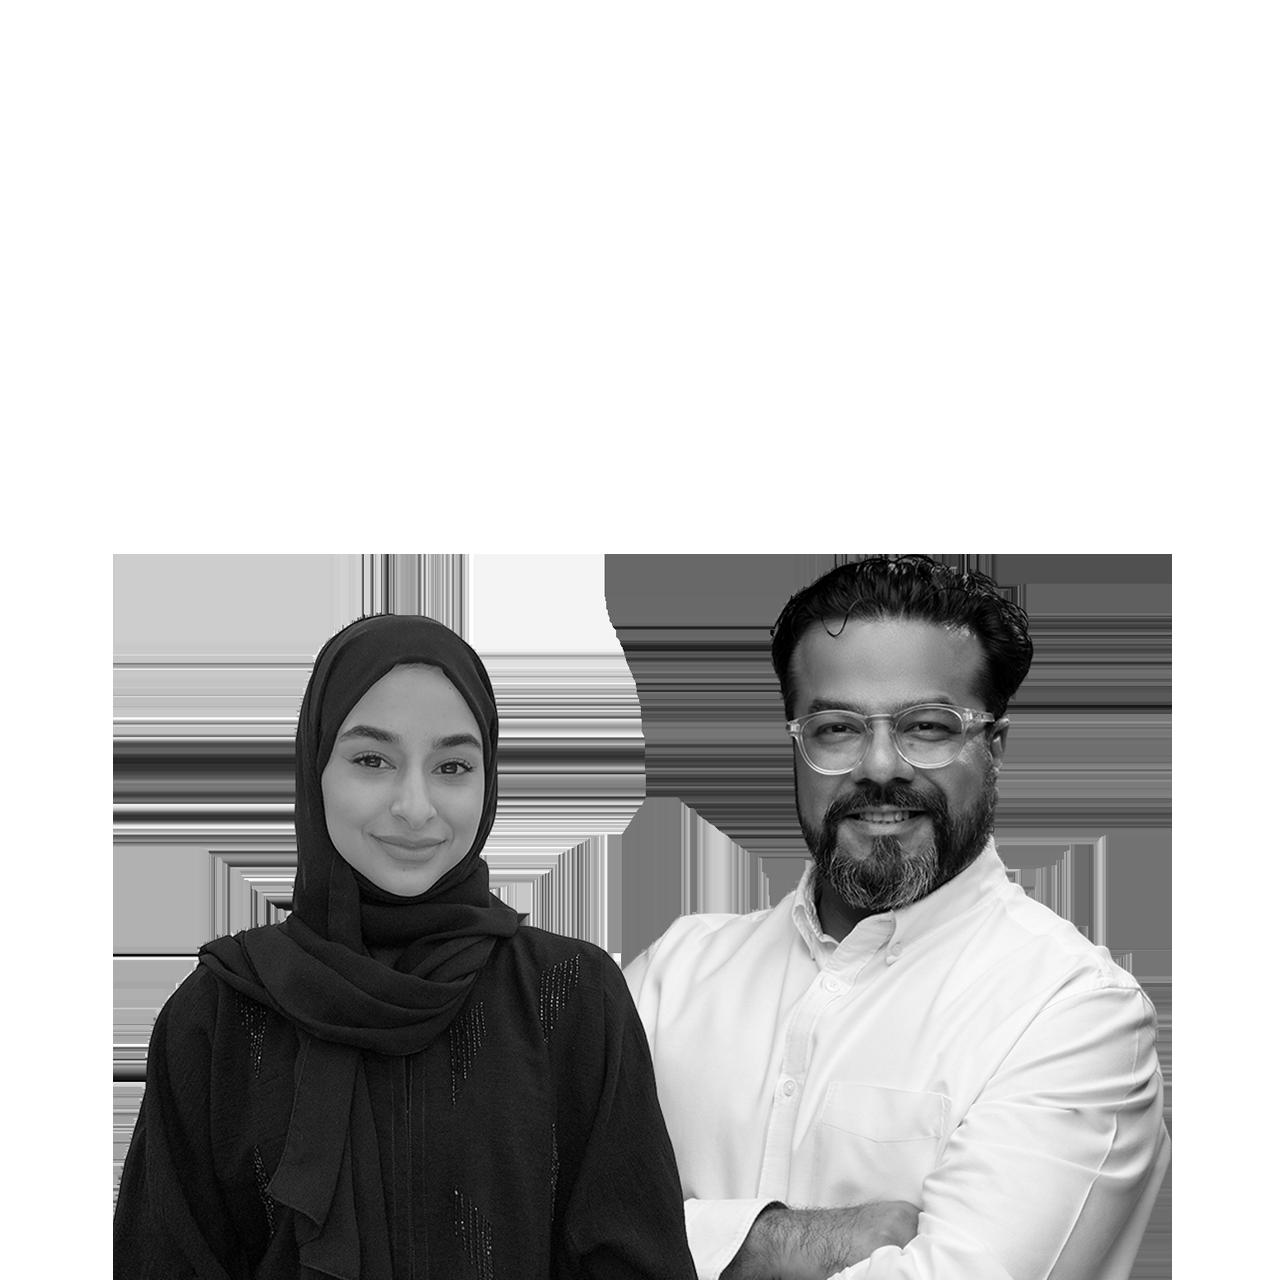 الصحة العقلية في الإمارات